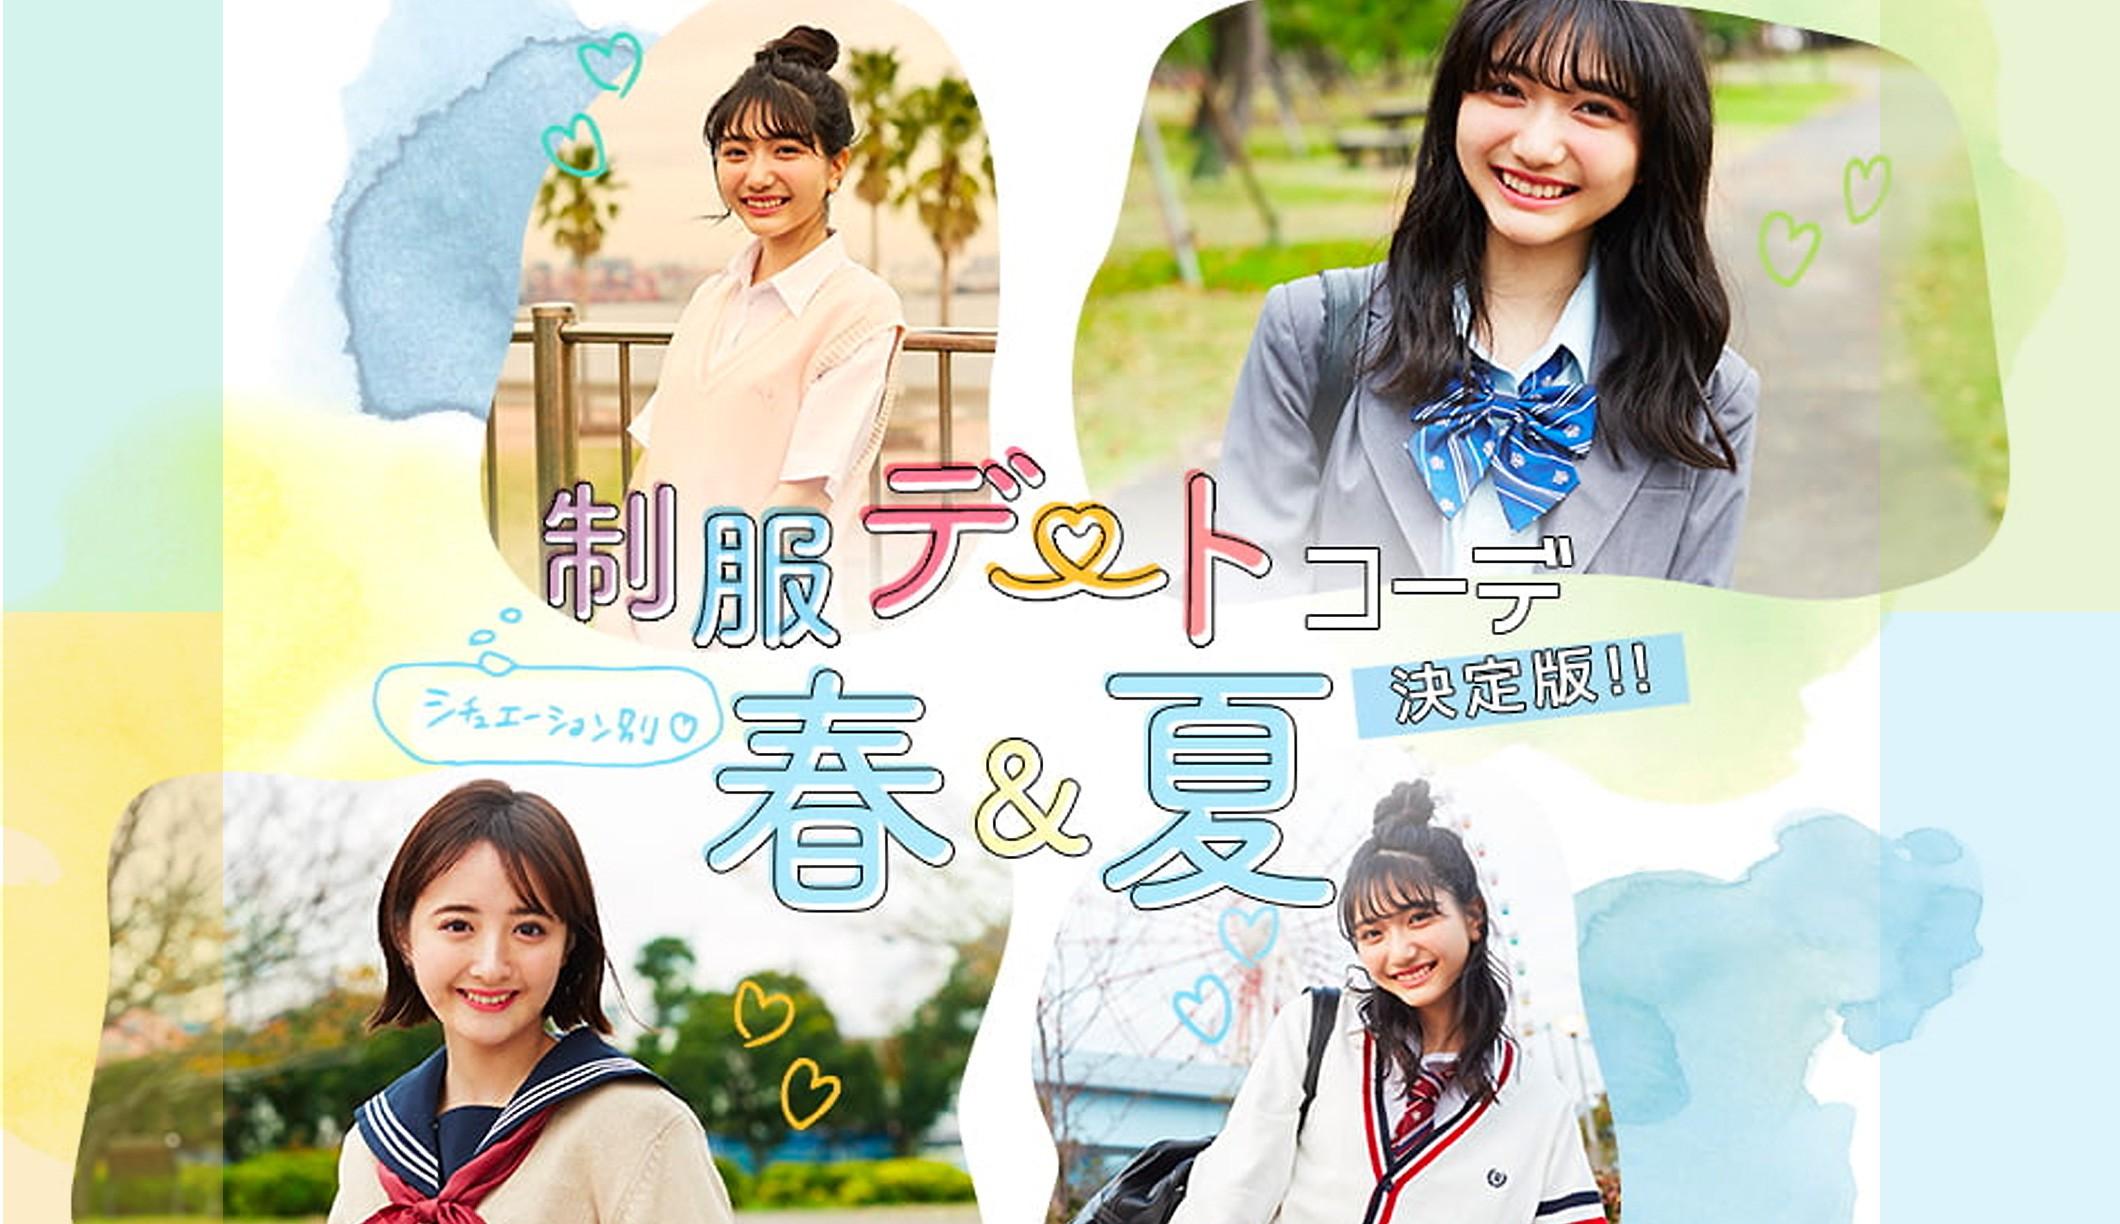 シチュエーション別 制服デートコーデ決定版!!春&夏